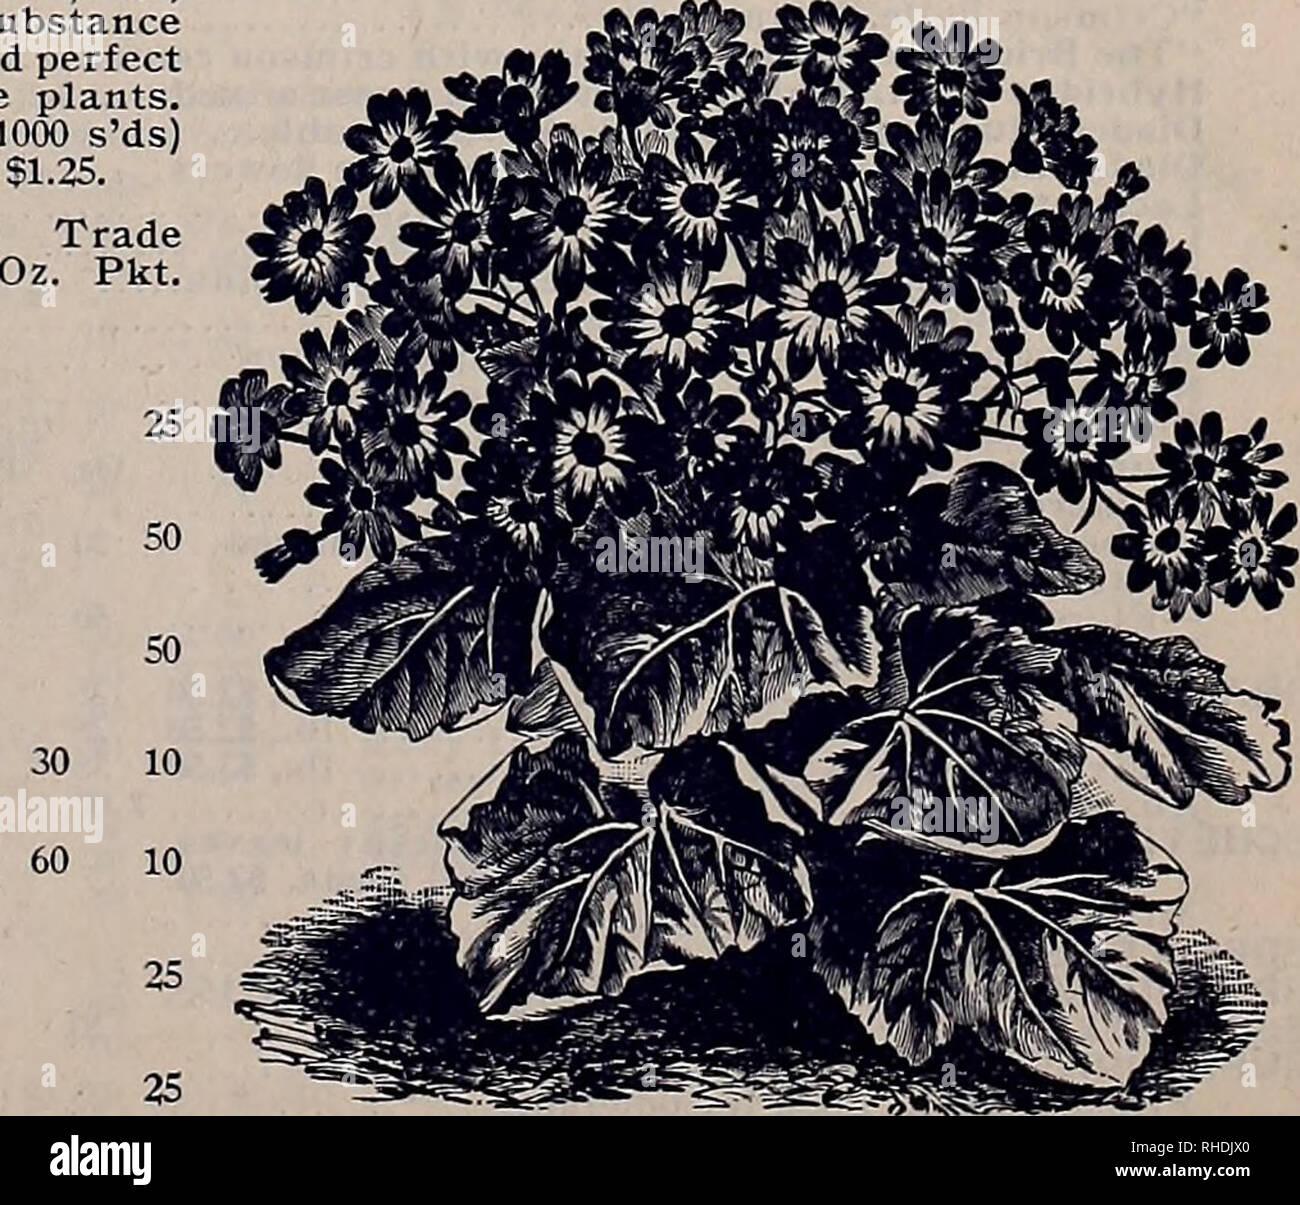 Buch Für Floristen Blumen Samen Kataloge Blumen Sämlinge Kataloge